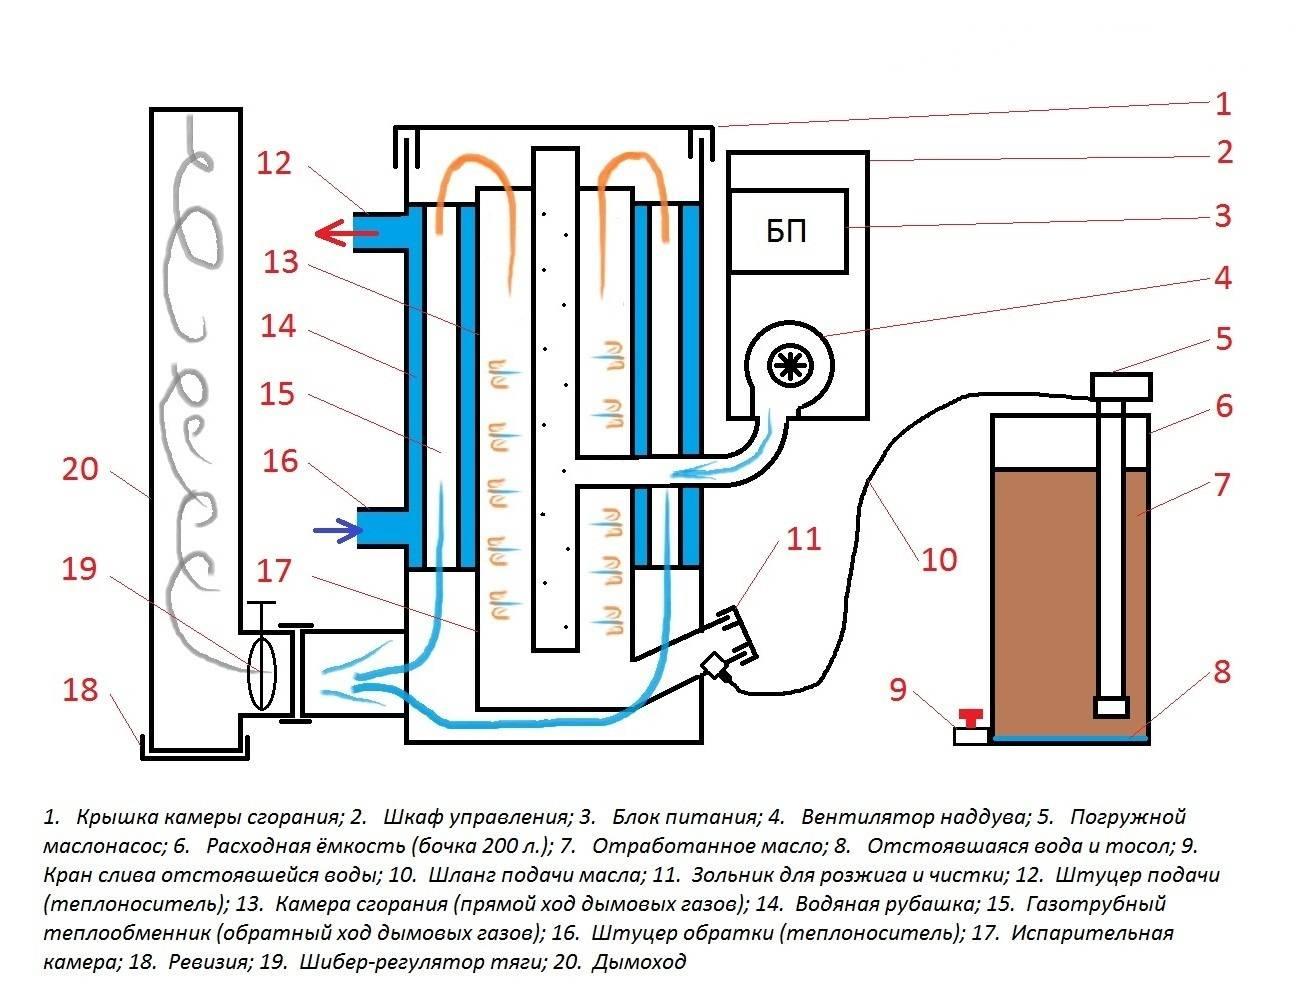 Обзор моделей котлов на отработанном масле с отзывами